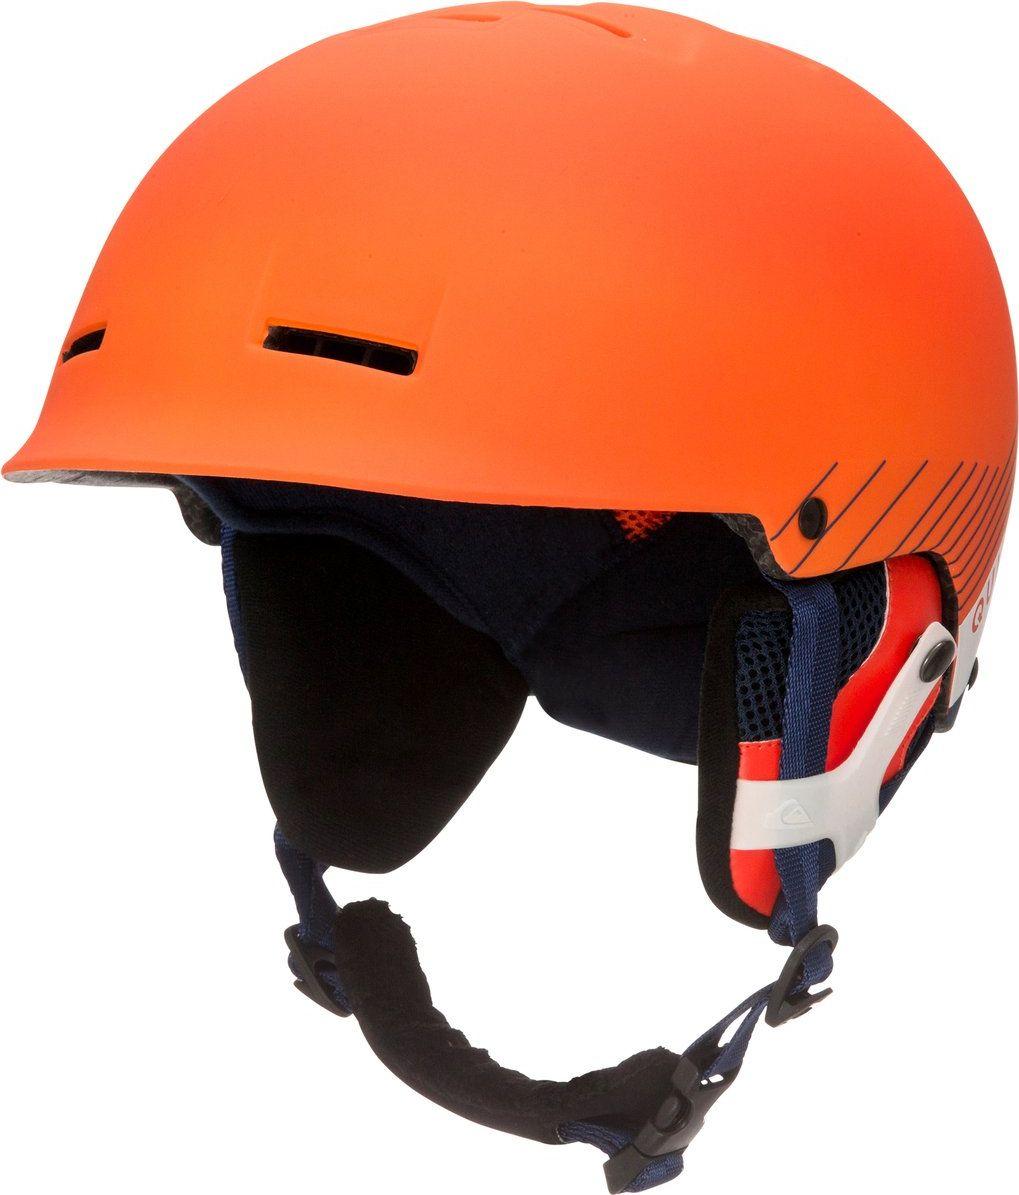 Сноубордический шлем Quiksilver